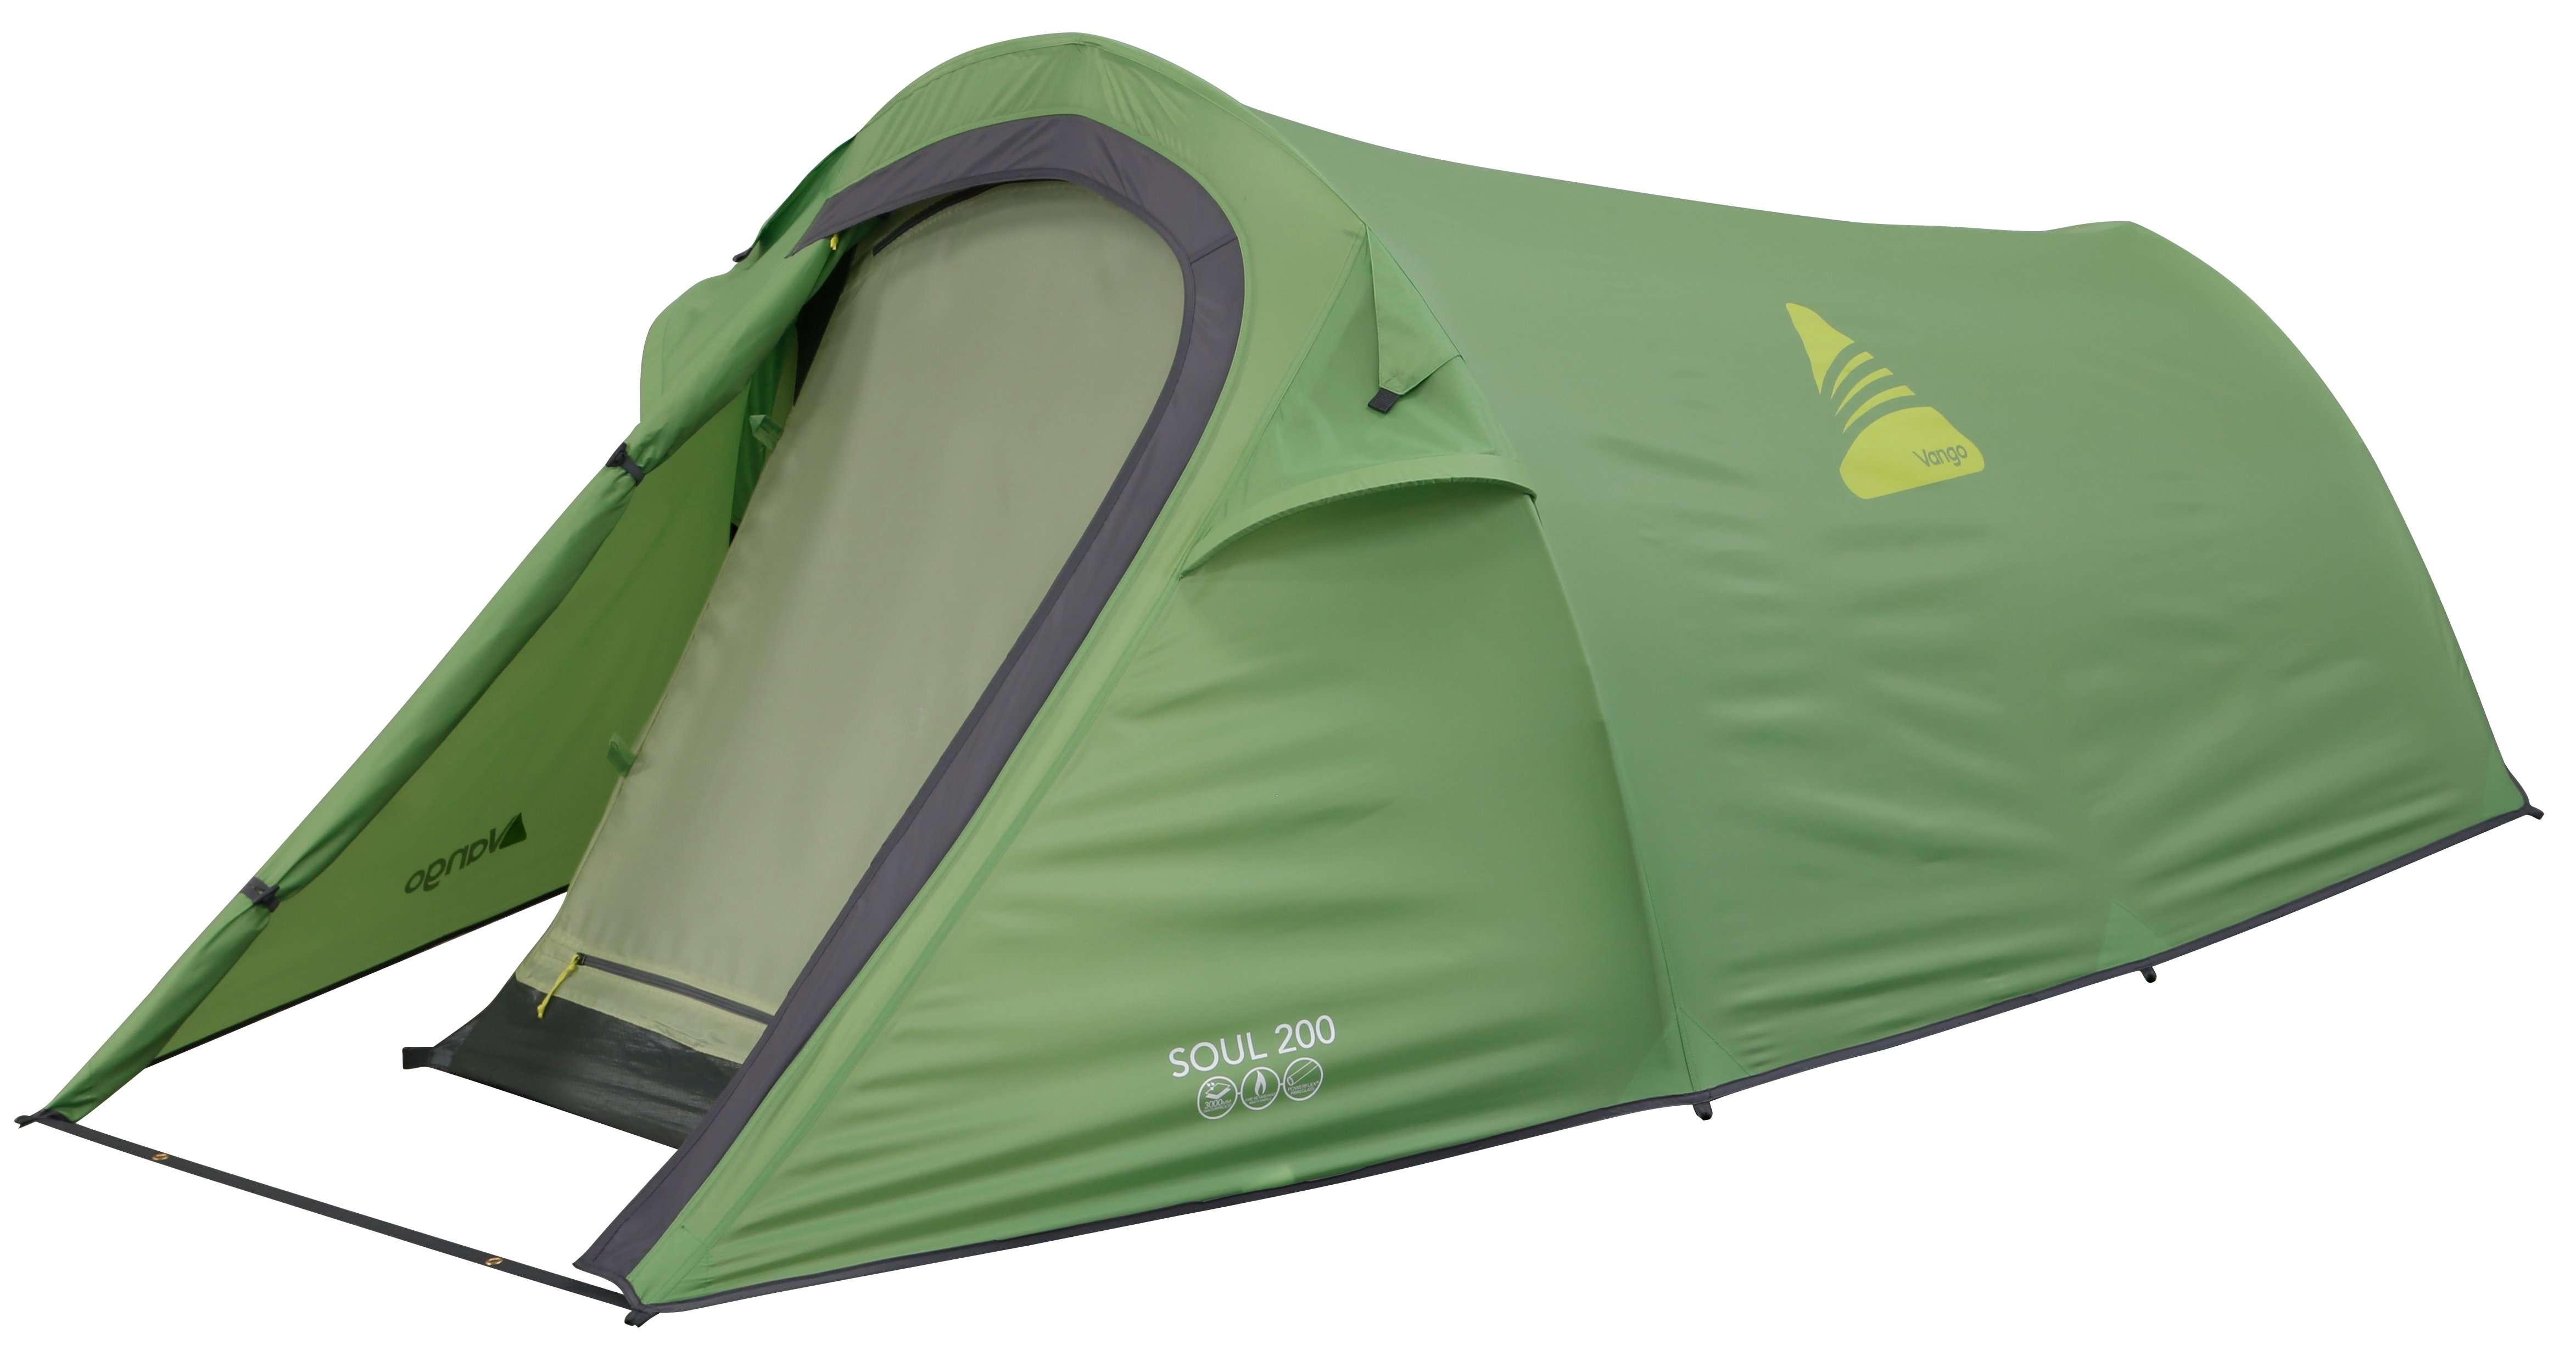 VANGO Soul 200 2 Person Tent